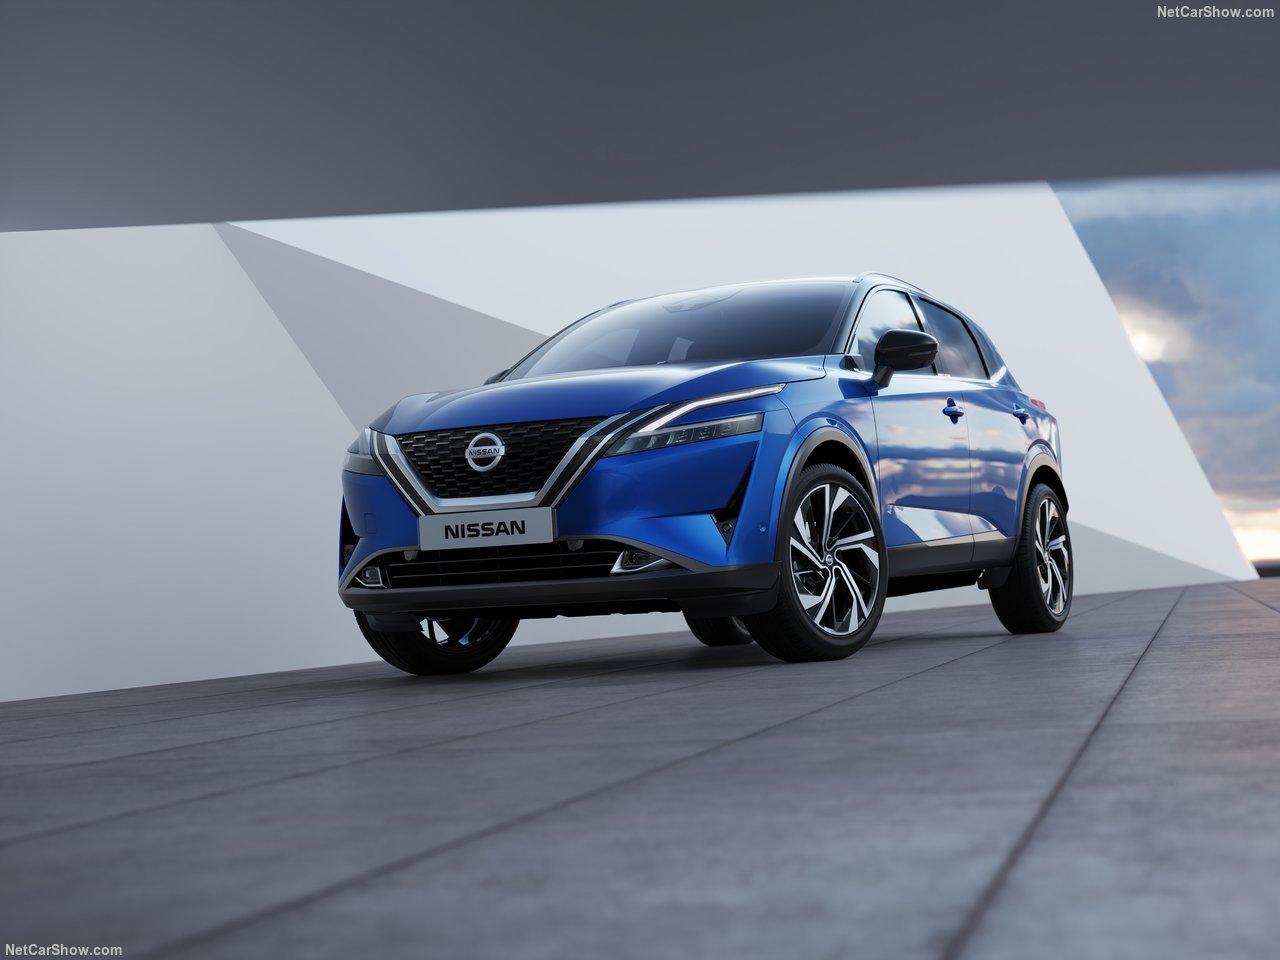 Nissan-Qashqai-2022-1280-16 (1).jpg